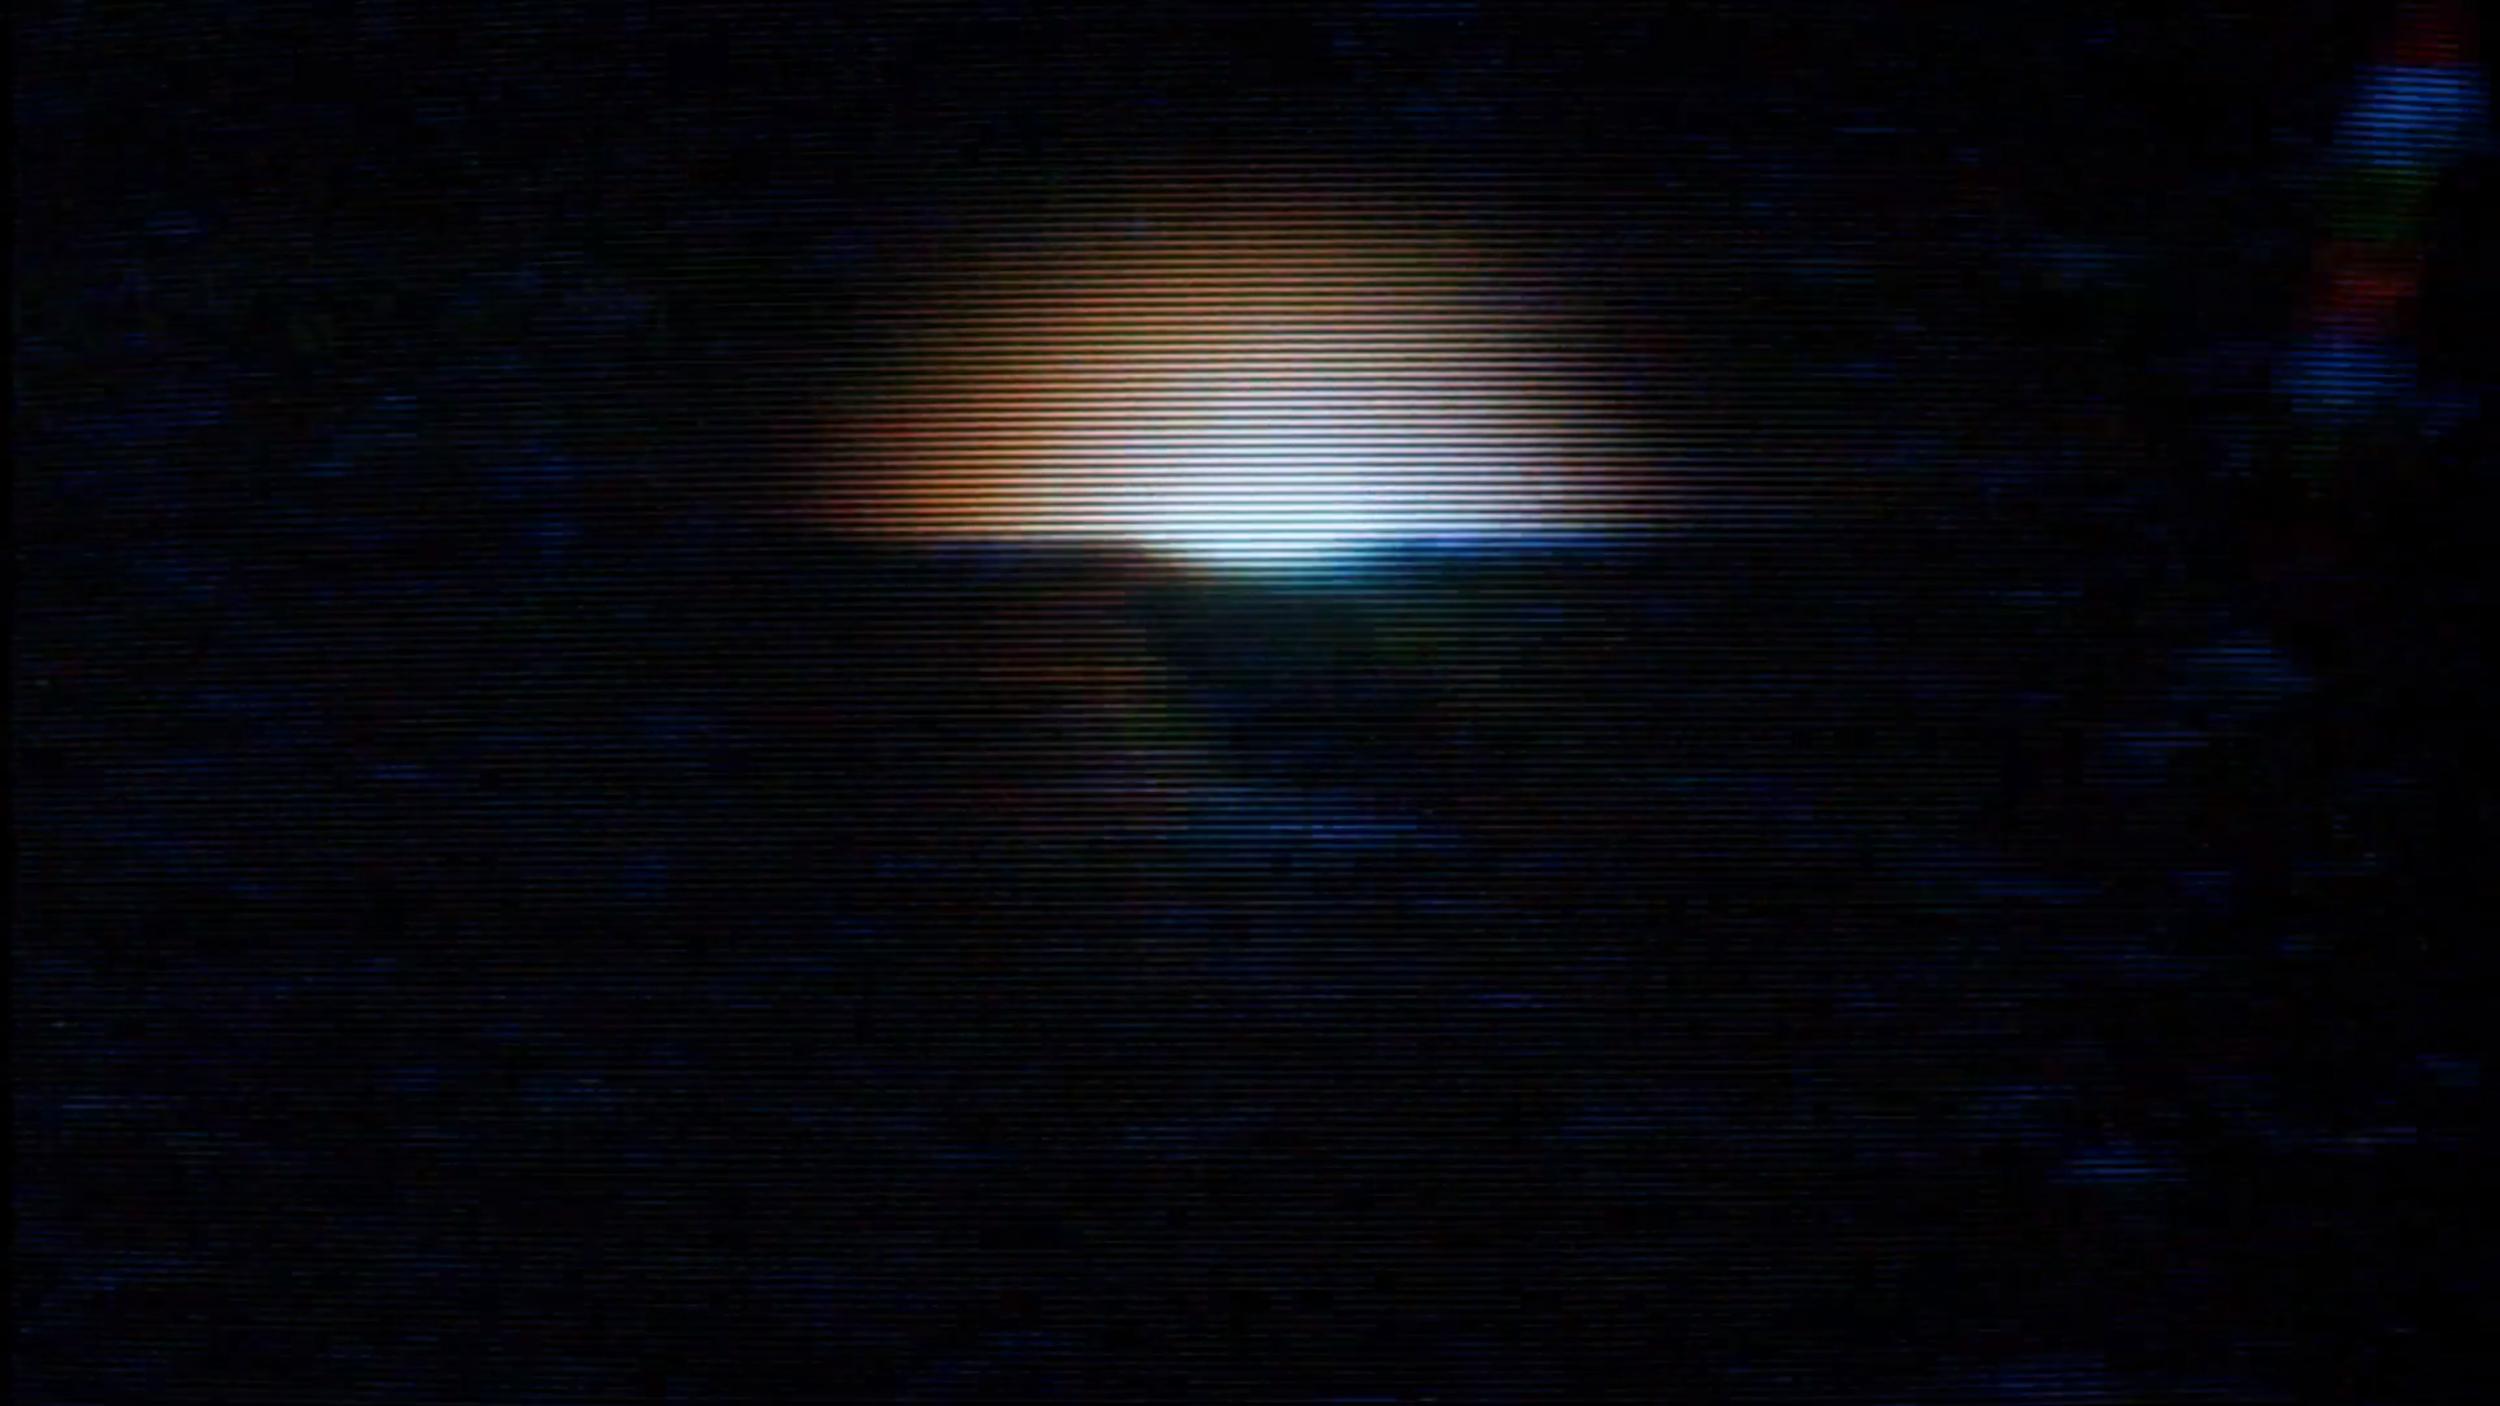 Screen Shot 2015-06-06 at 5.28.50 PM.png